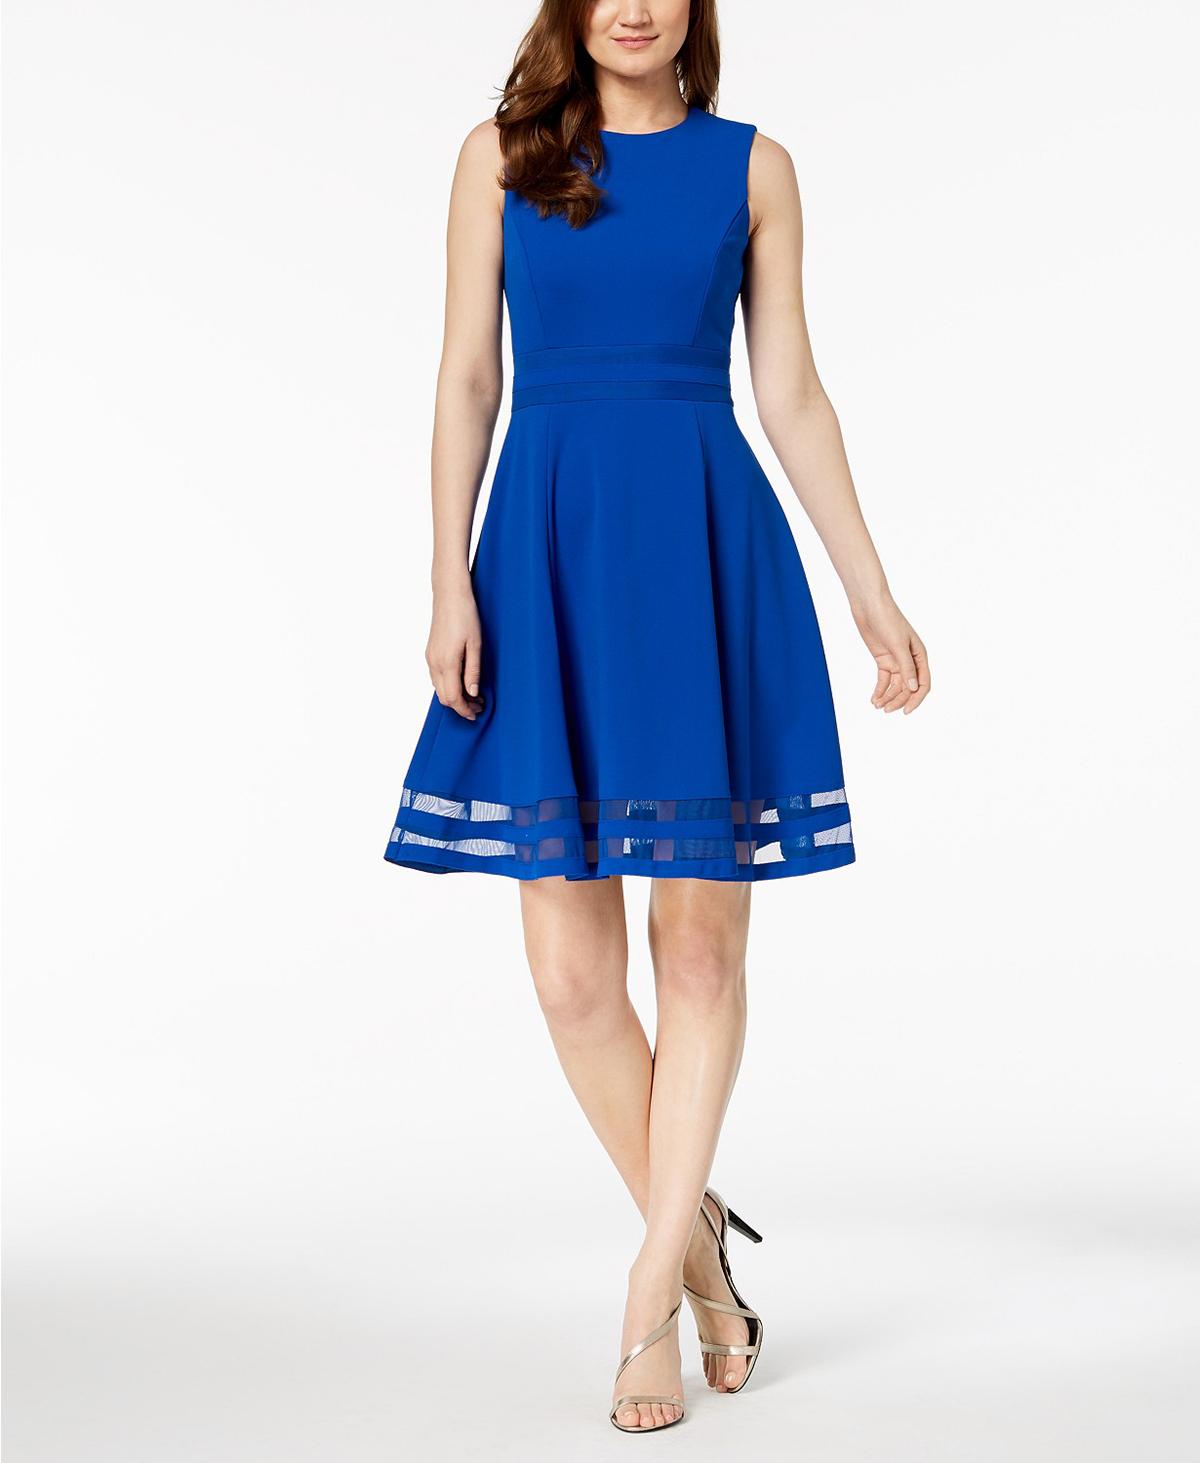 CK Dress Blue